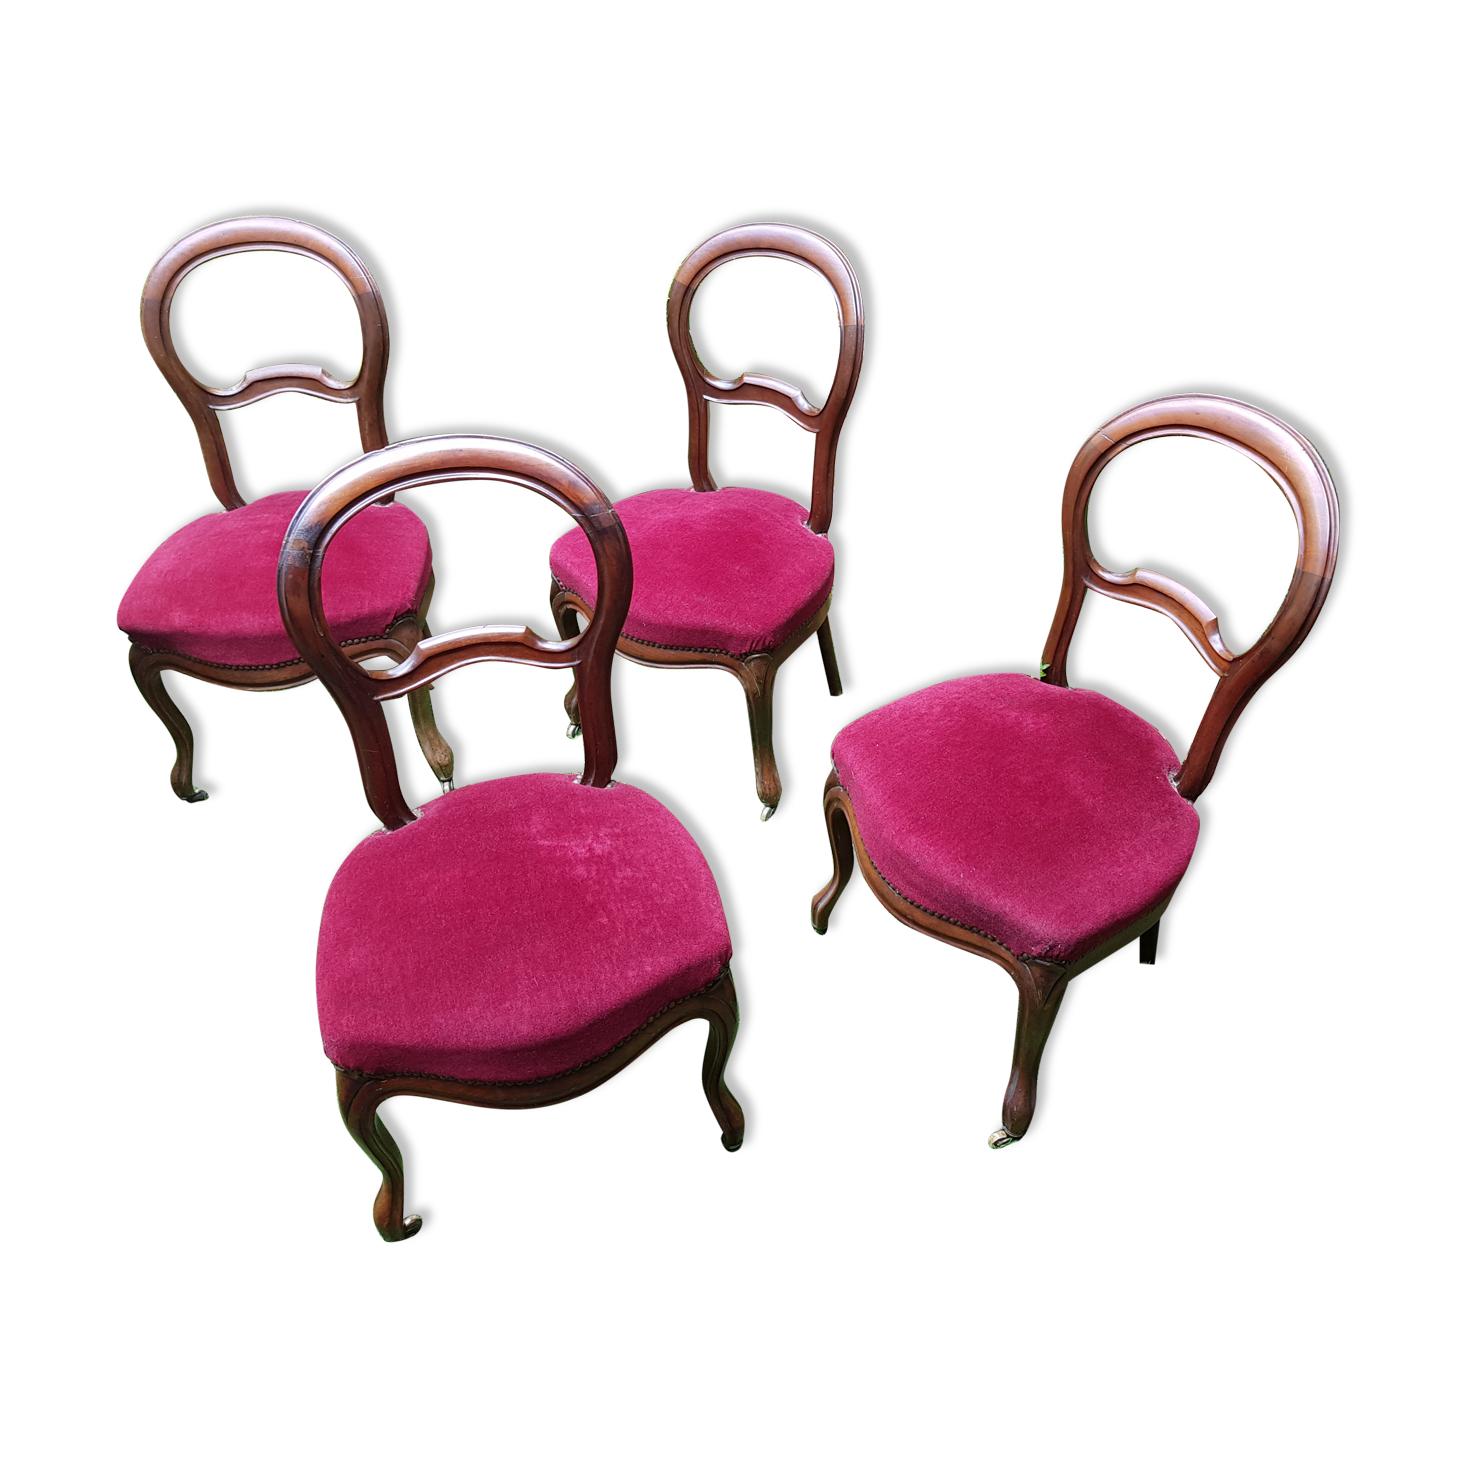 4 chaises médaillon tapissées style Louis Philippe